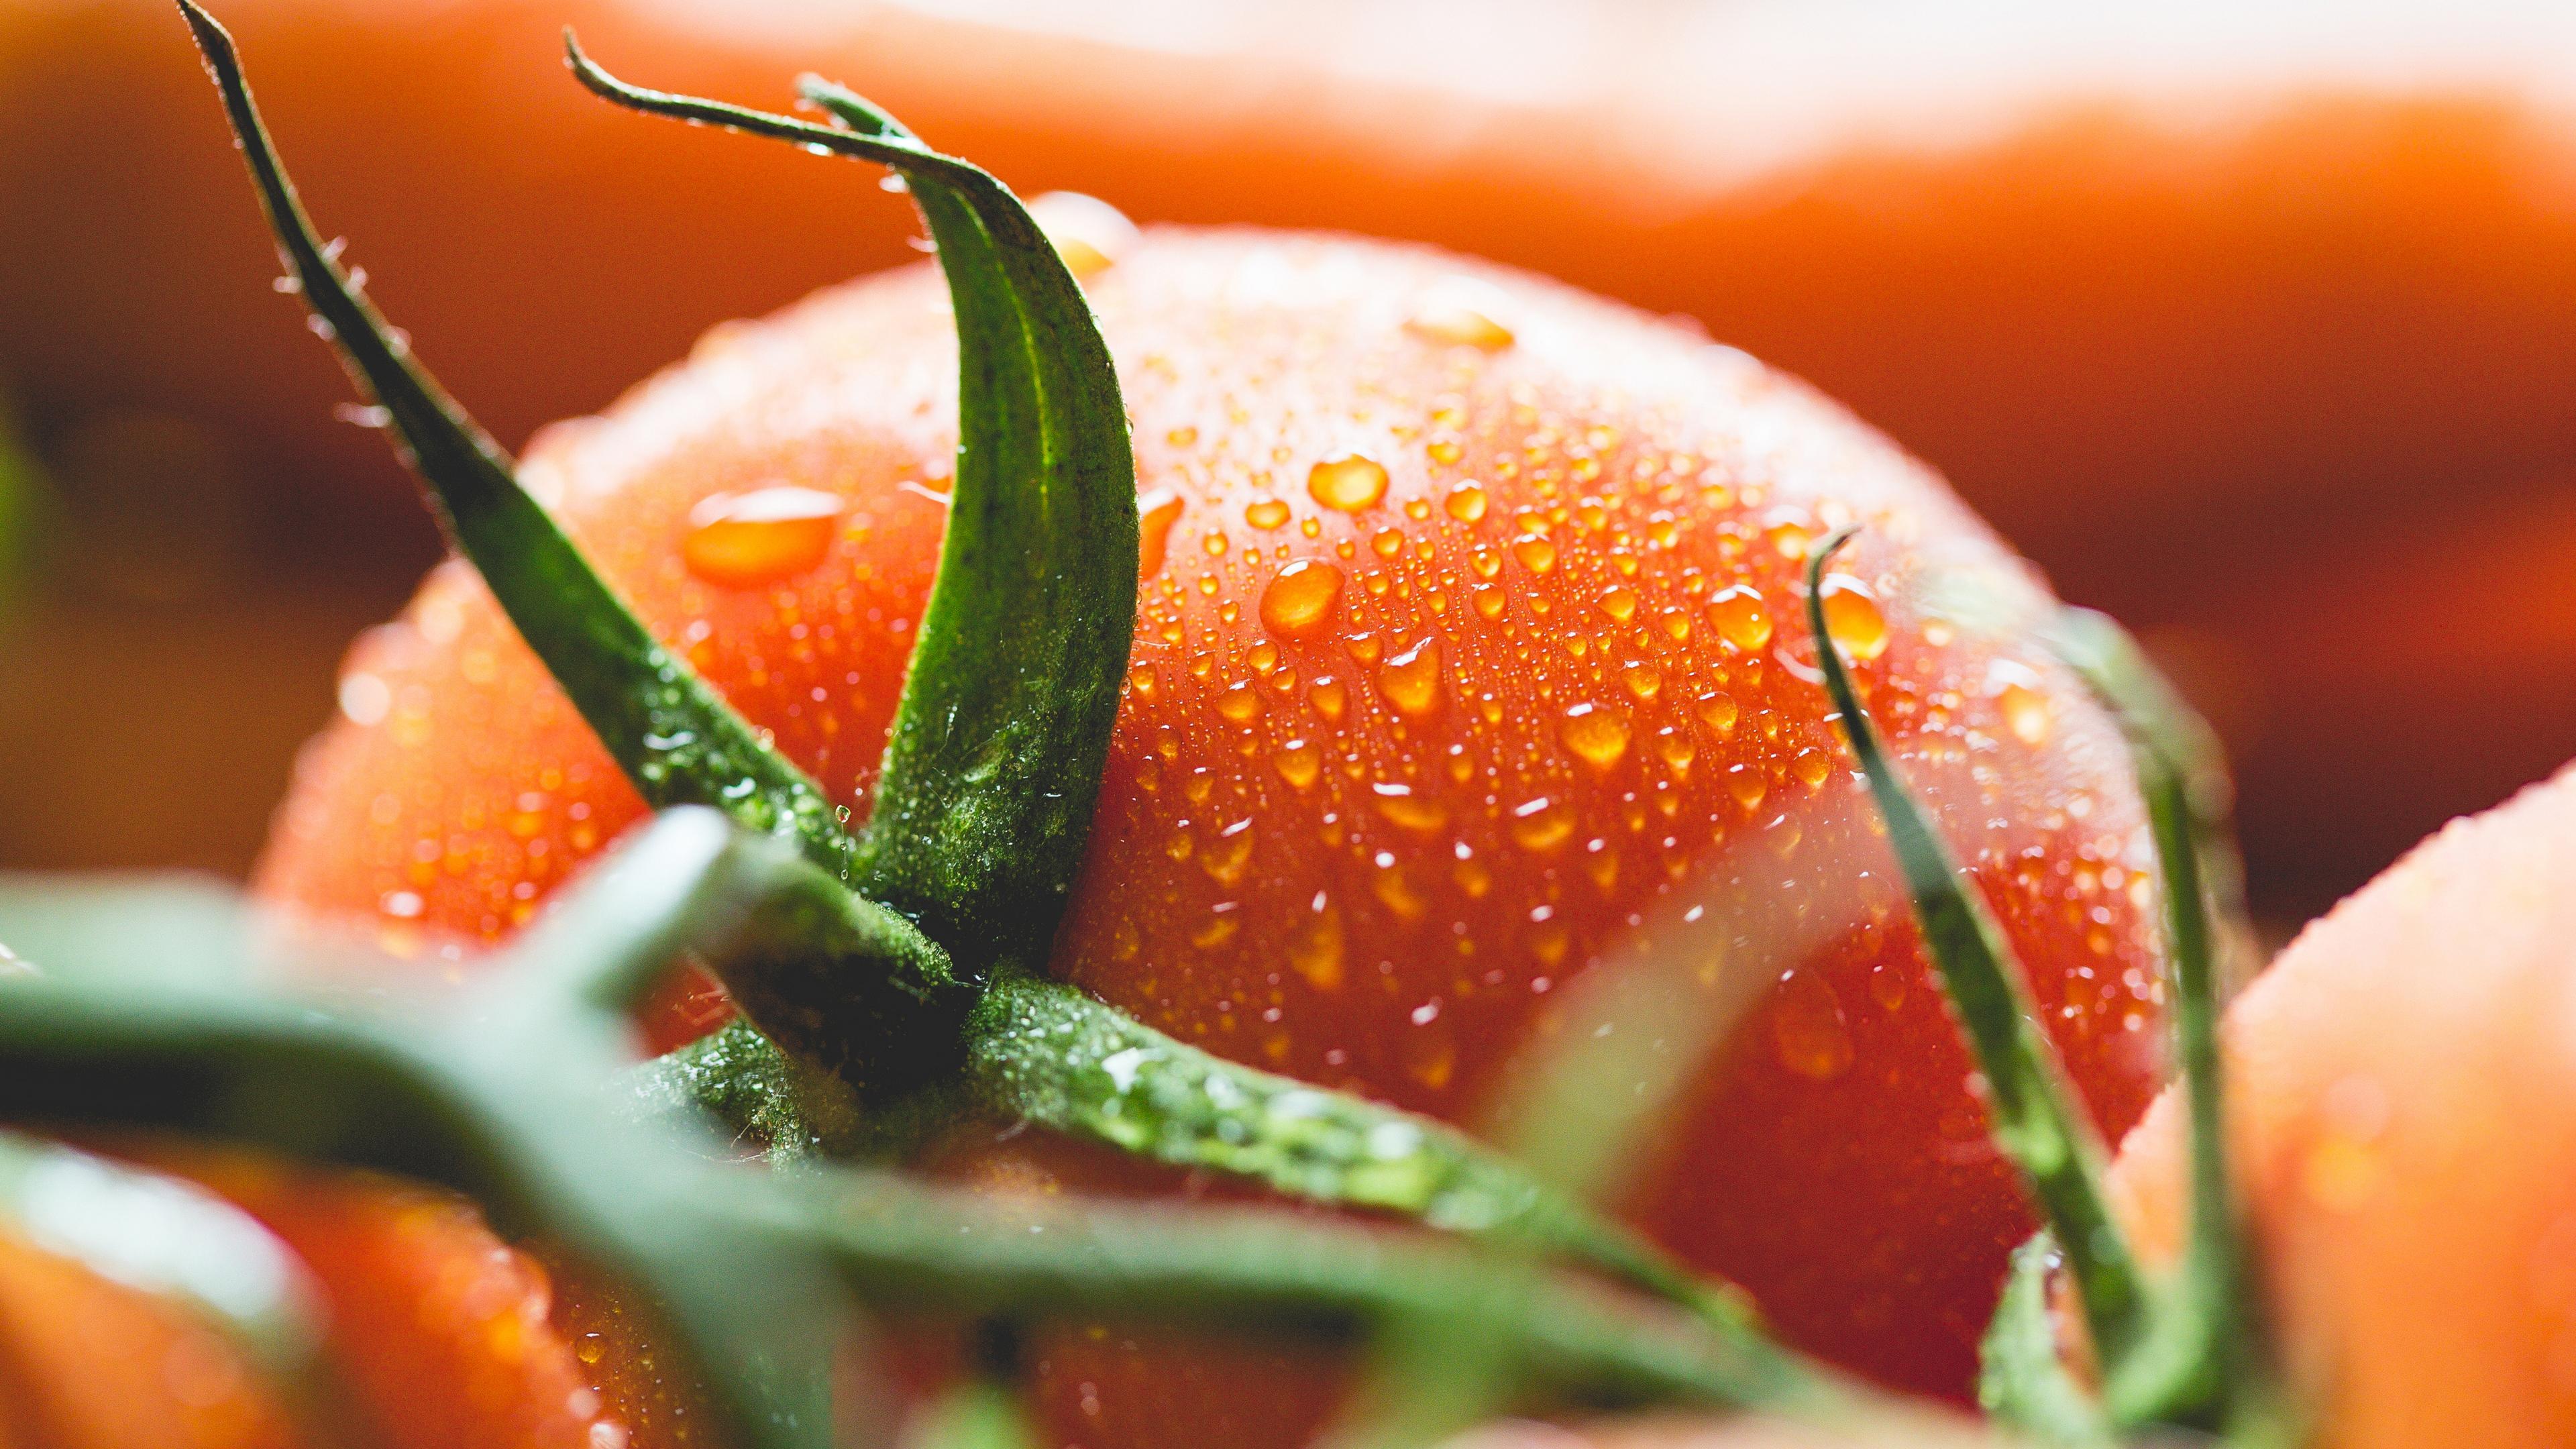 Красные помидоры в капельках росы